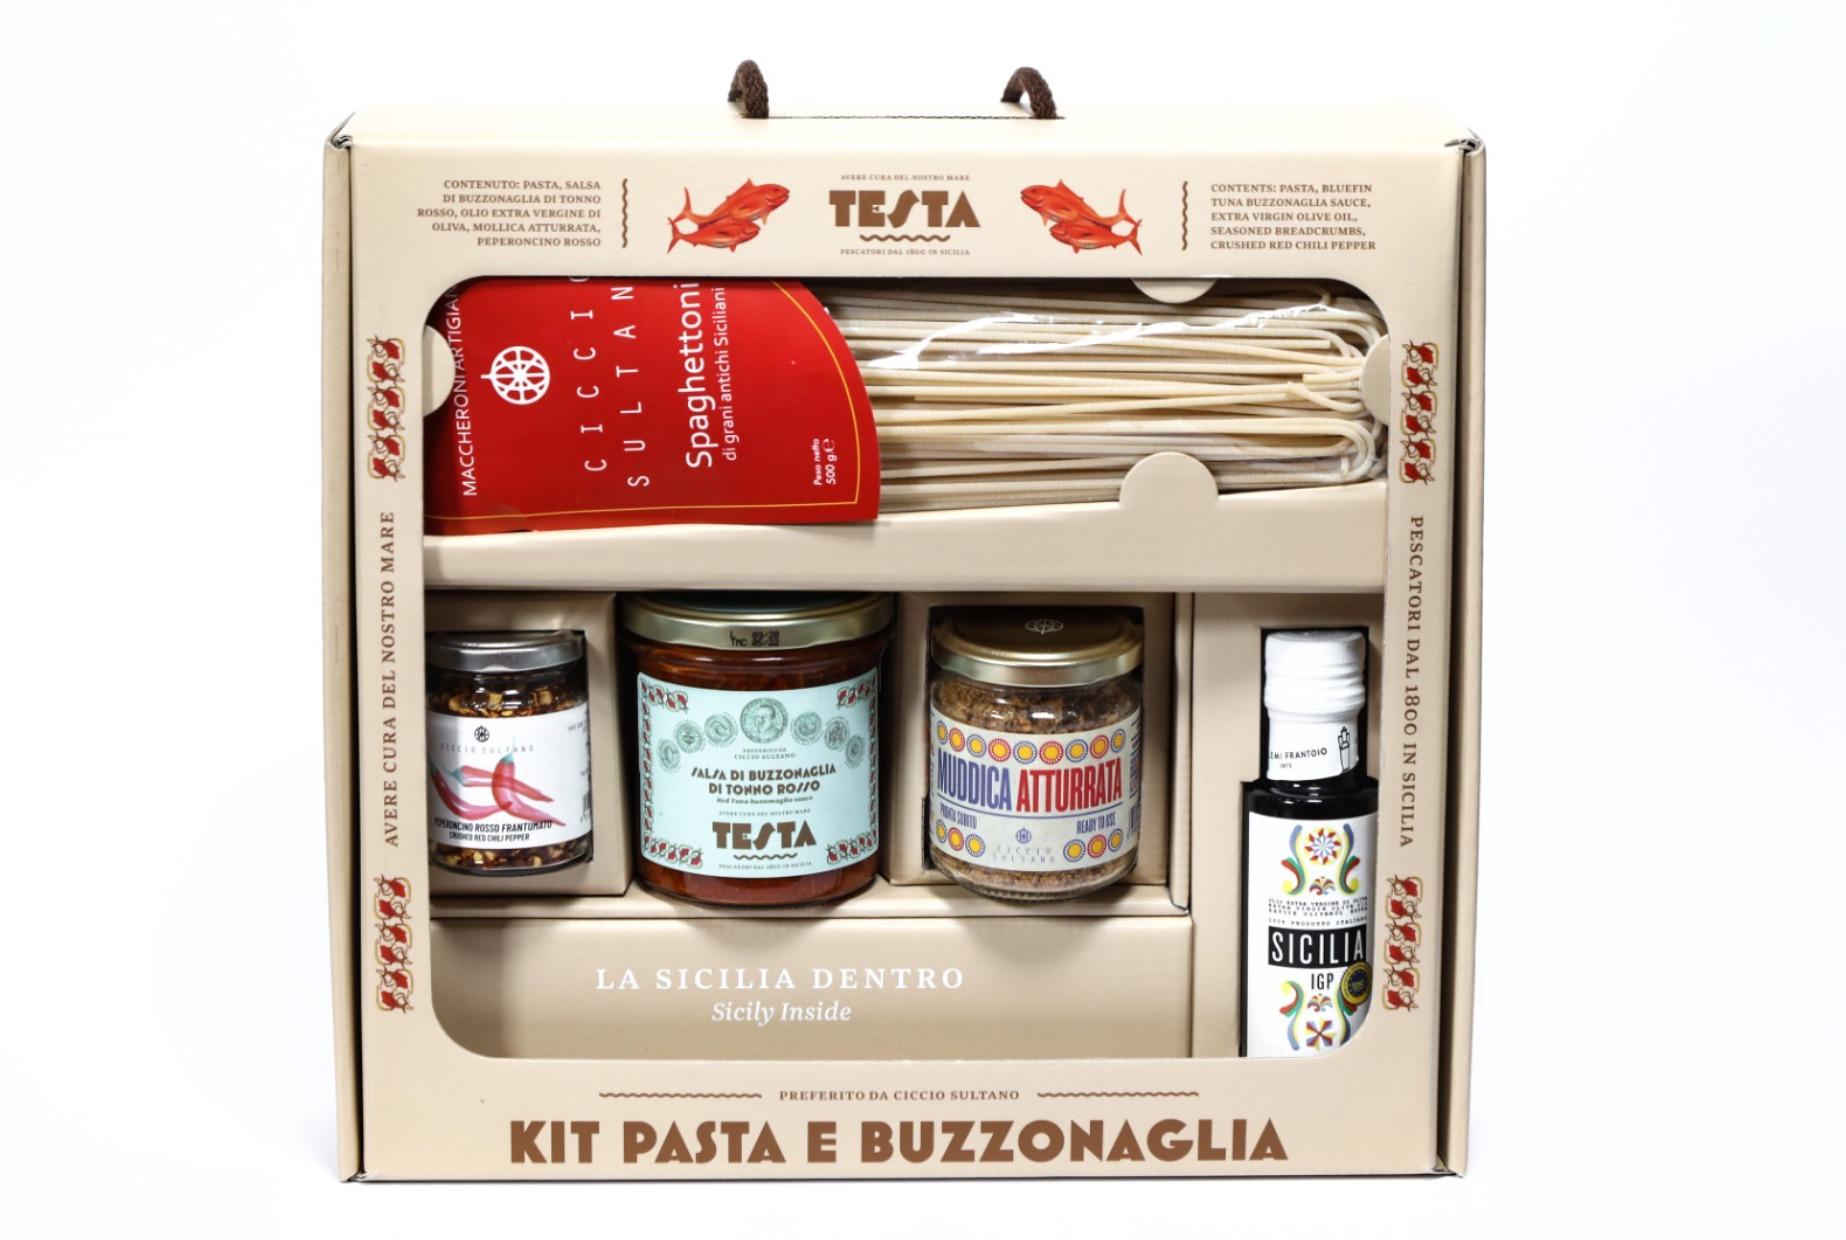 confezioni regalo kit pasta tonno rosso buzzonaglia- Testa Conserve (Sicilia)